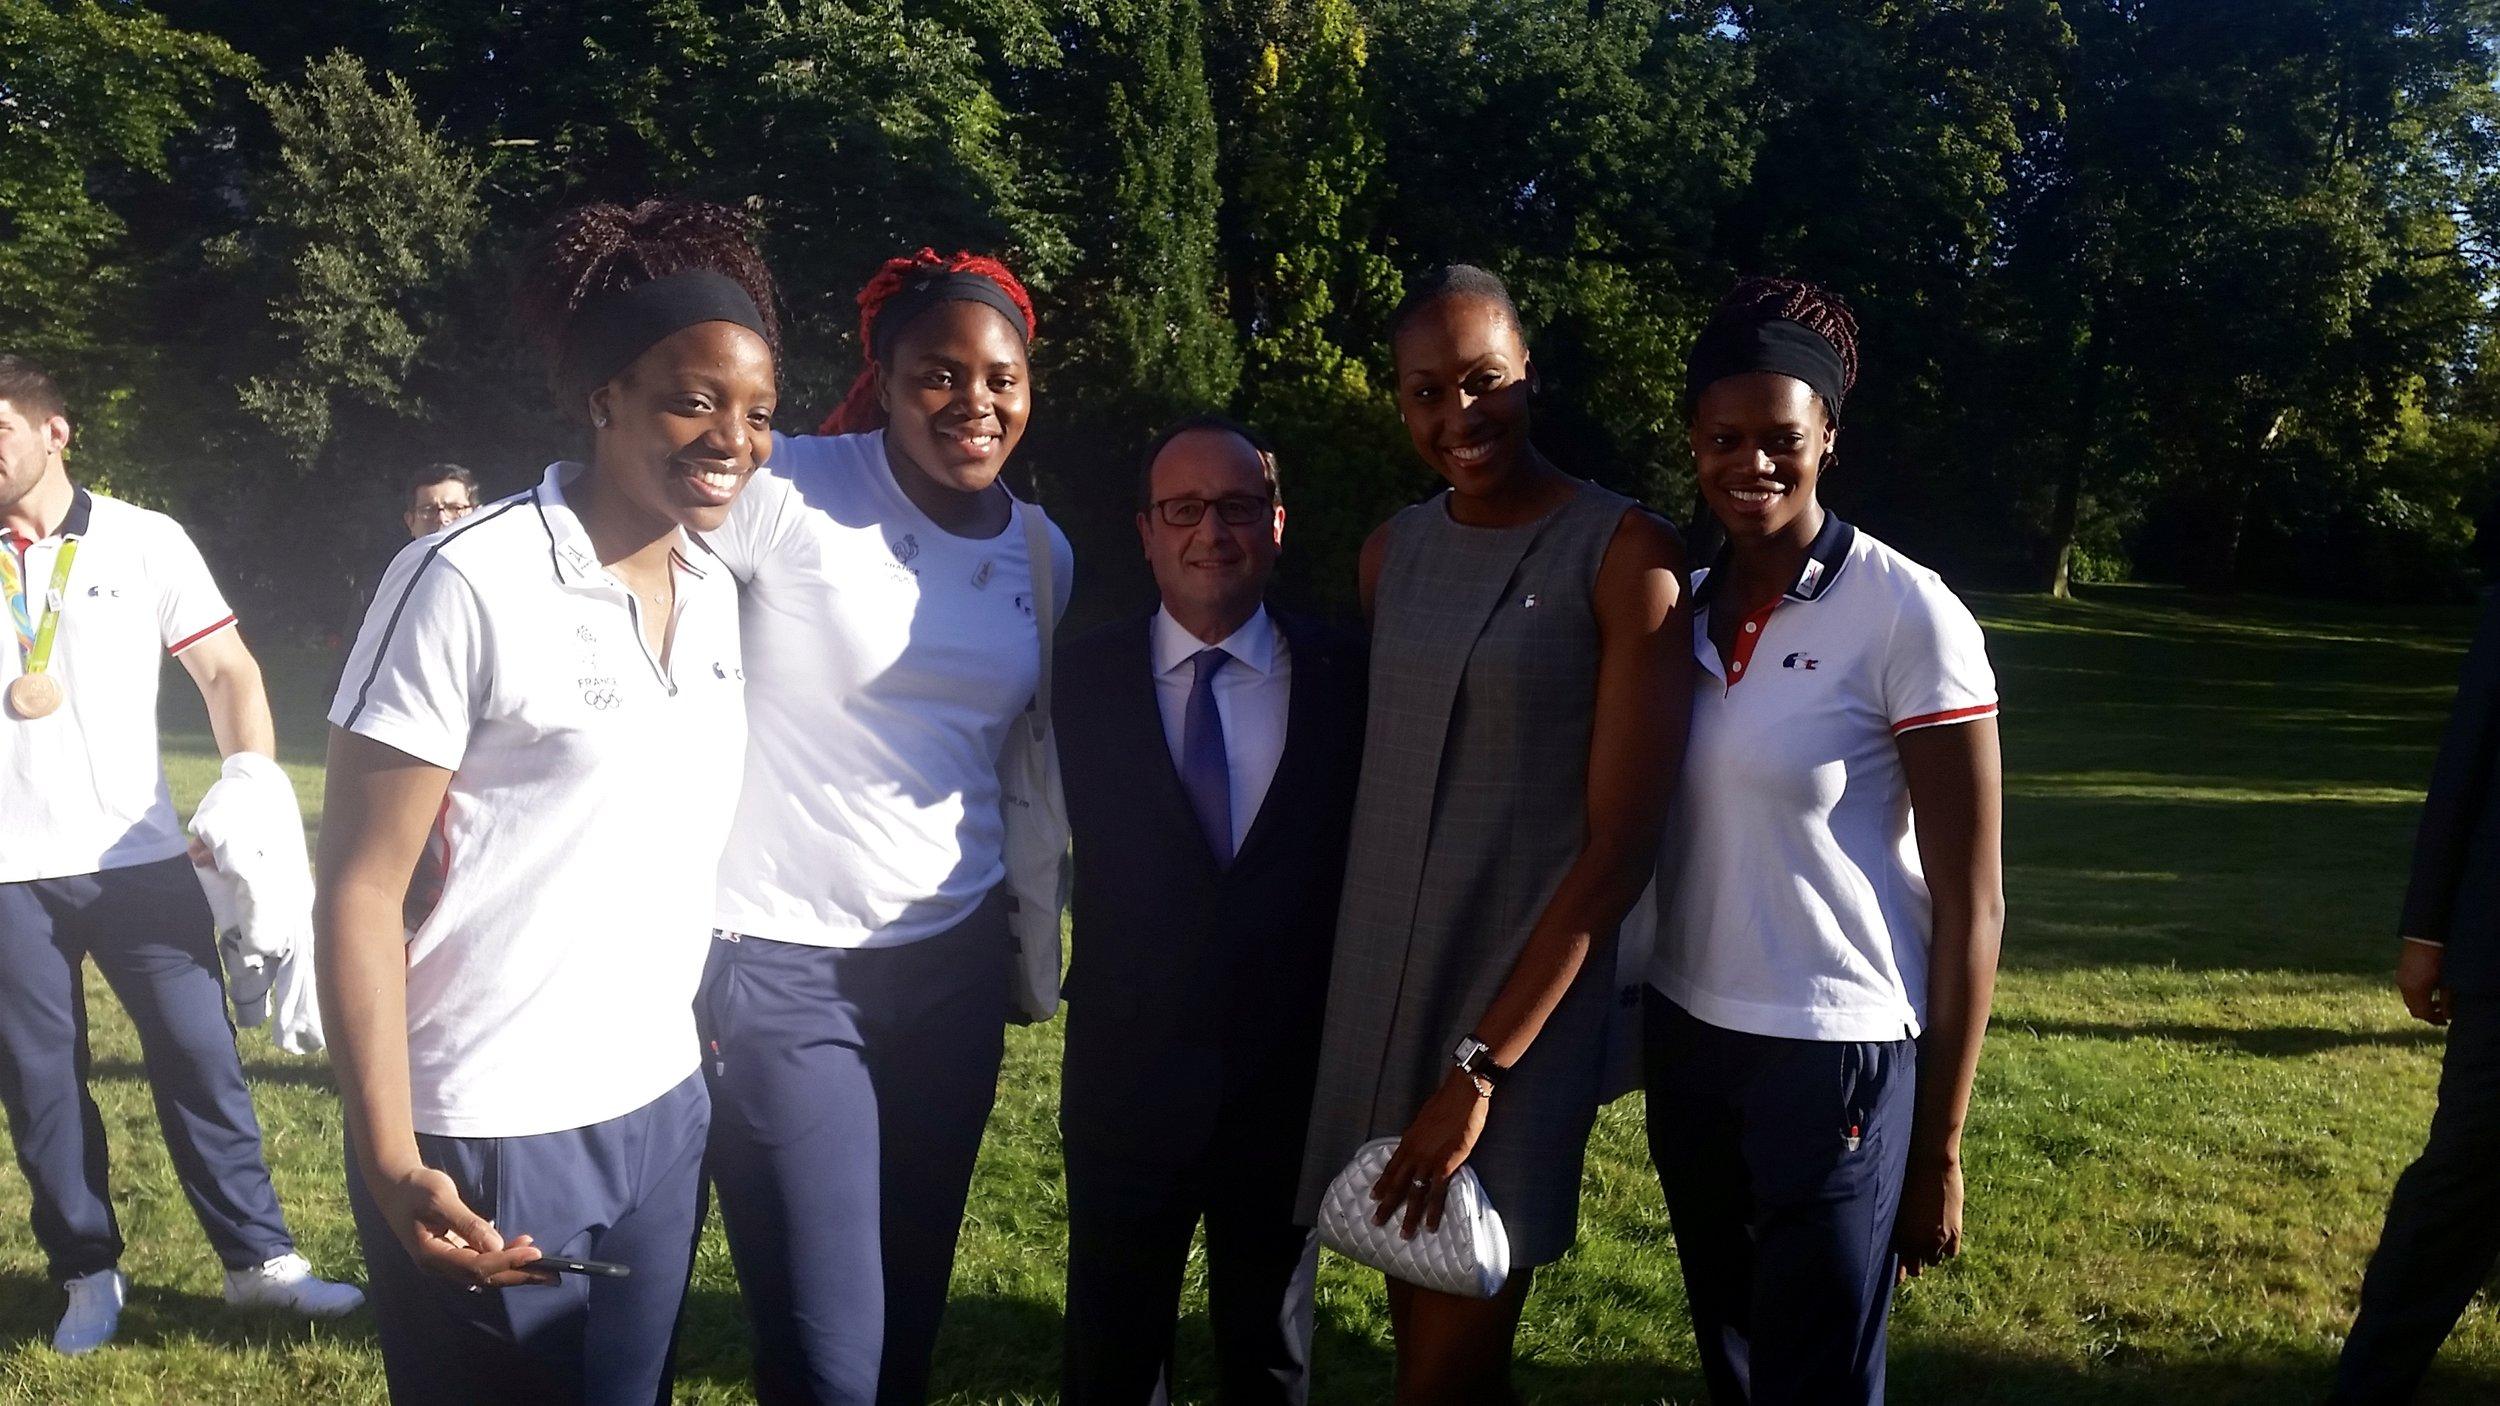 Nous avons été reçus par le Président François Hollande dans le jardin de l'Élysée. Moment très agréable et d'ailleurs, Monsieur le Président, nous a proposéde nous ouvrir les portes de son château dans le cas oùnous voudrions organiser des évènements exceptionnels tel qu'un mariage! L'annonce m'a tout de suite intéressé !!! hihihi